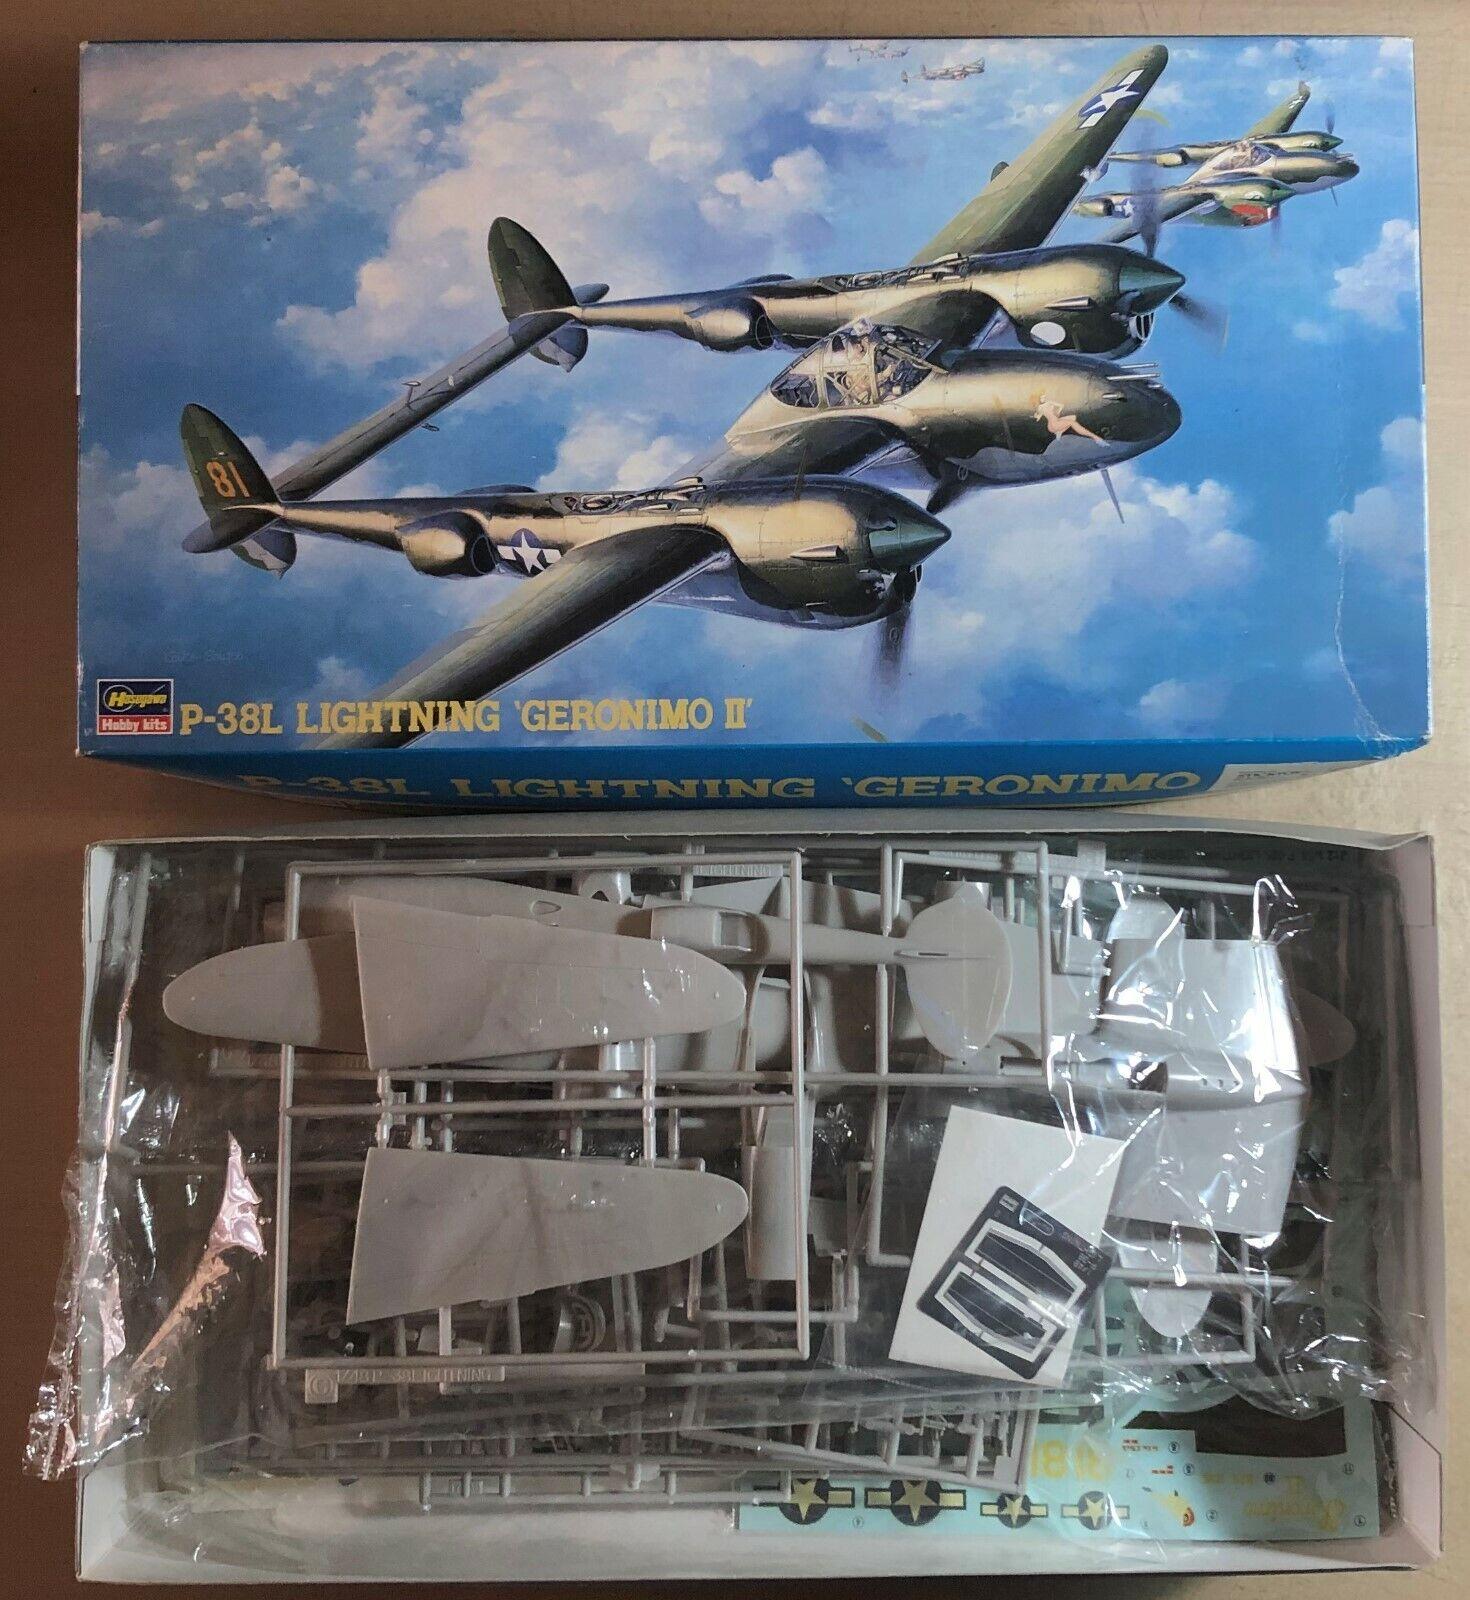 HASEGAWA 09102 - P-38L LIGHTNING 'GERONIMO II' - 1 48 PLASTIC KIT